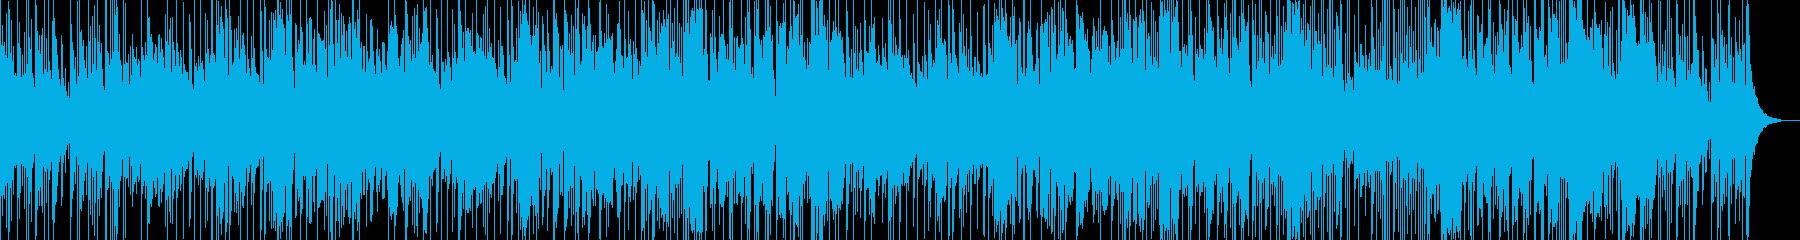 鉄琴主体のポップスの再生済みの波形